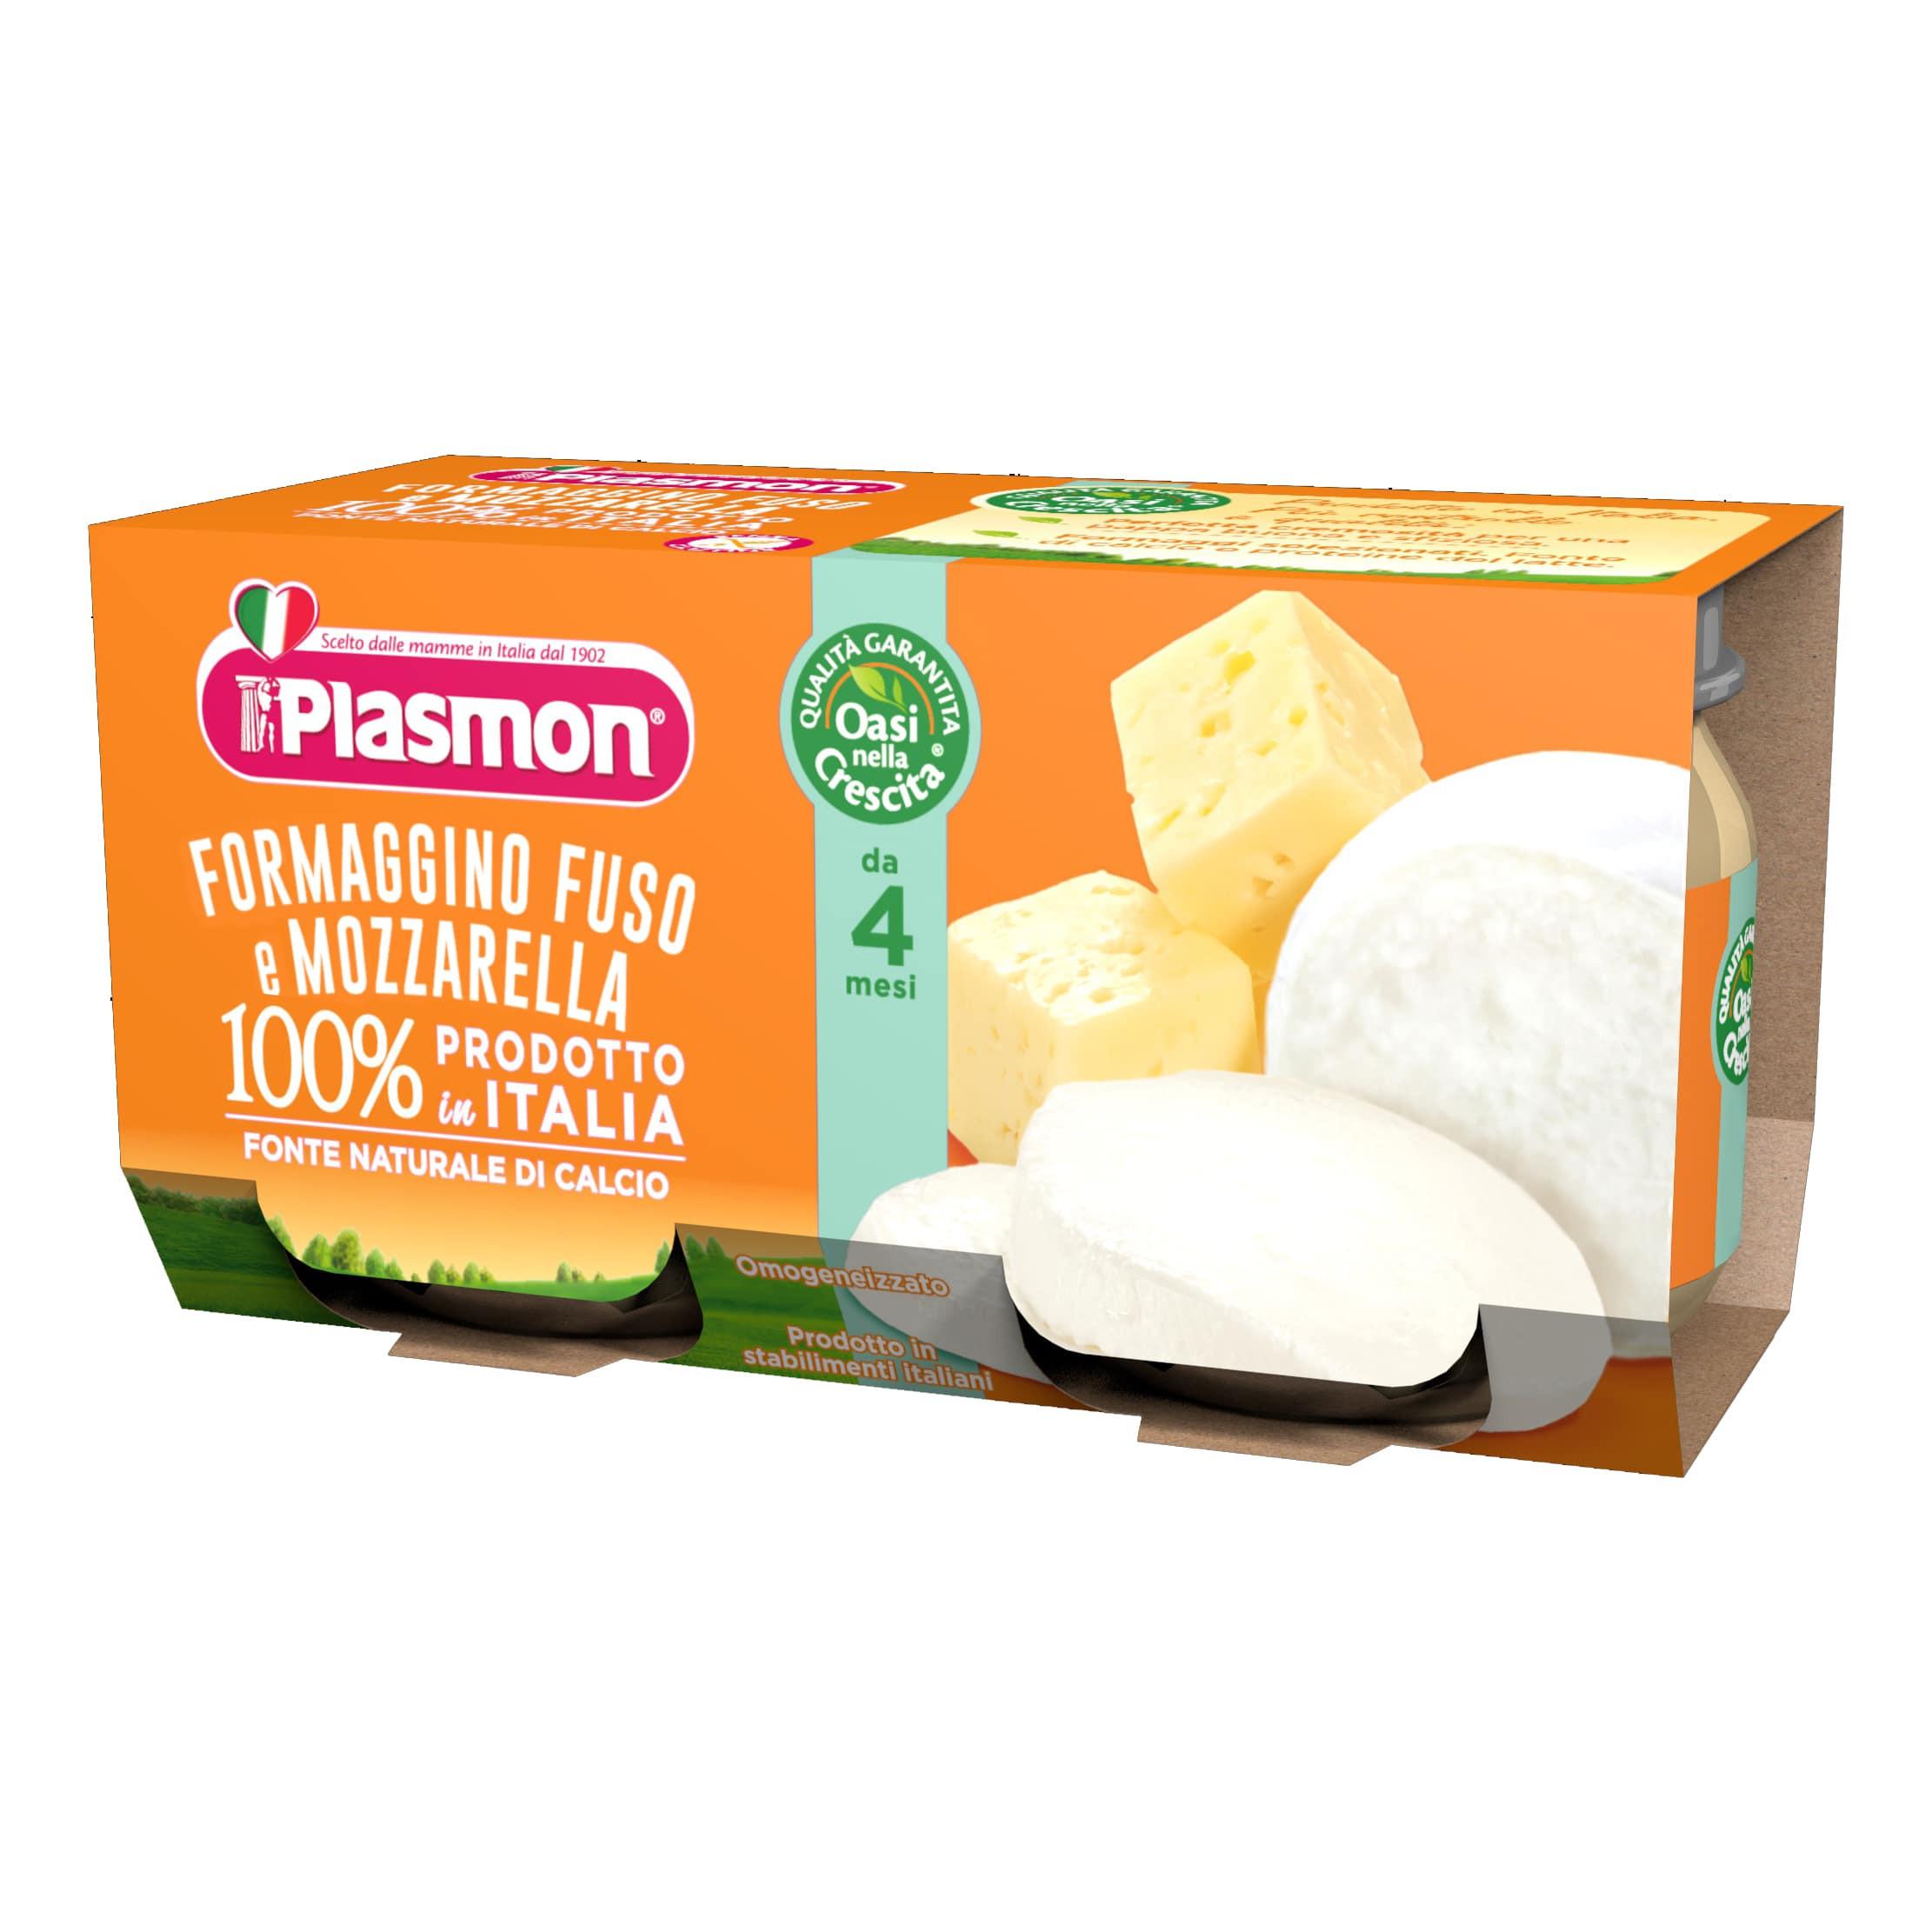 Omogeneizzato Formaggino Fuso e Mozzarella Plasmon